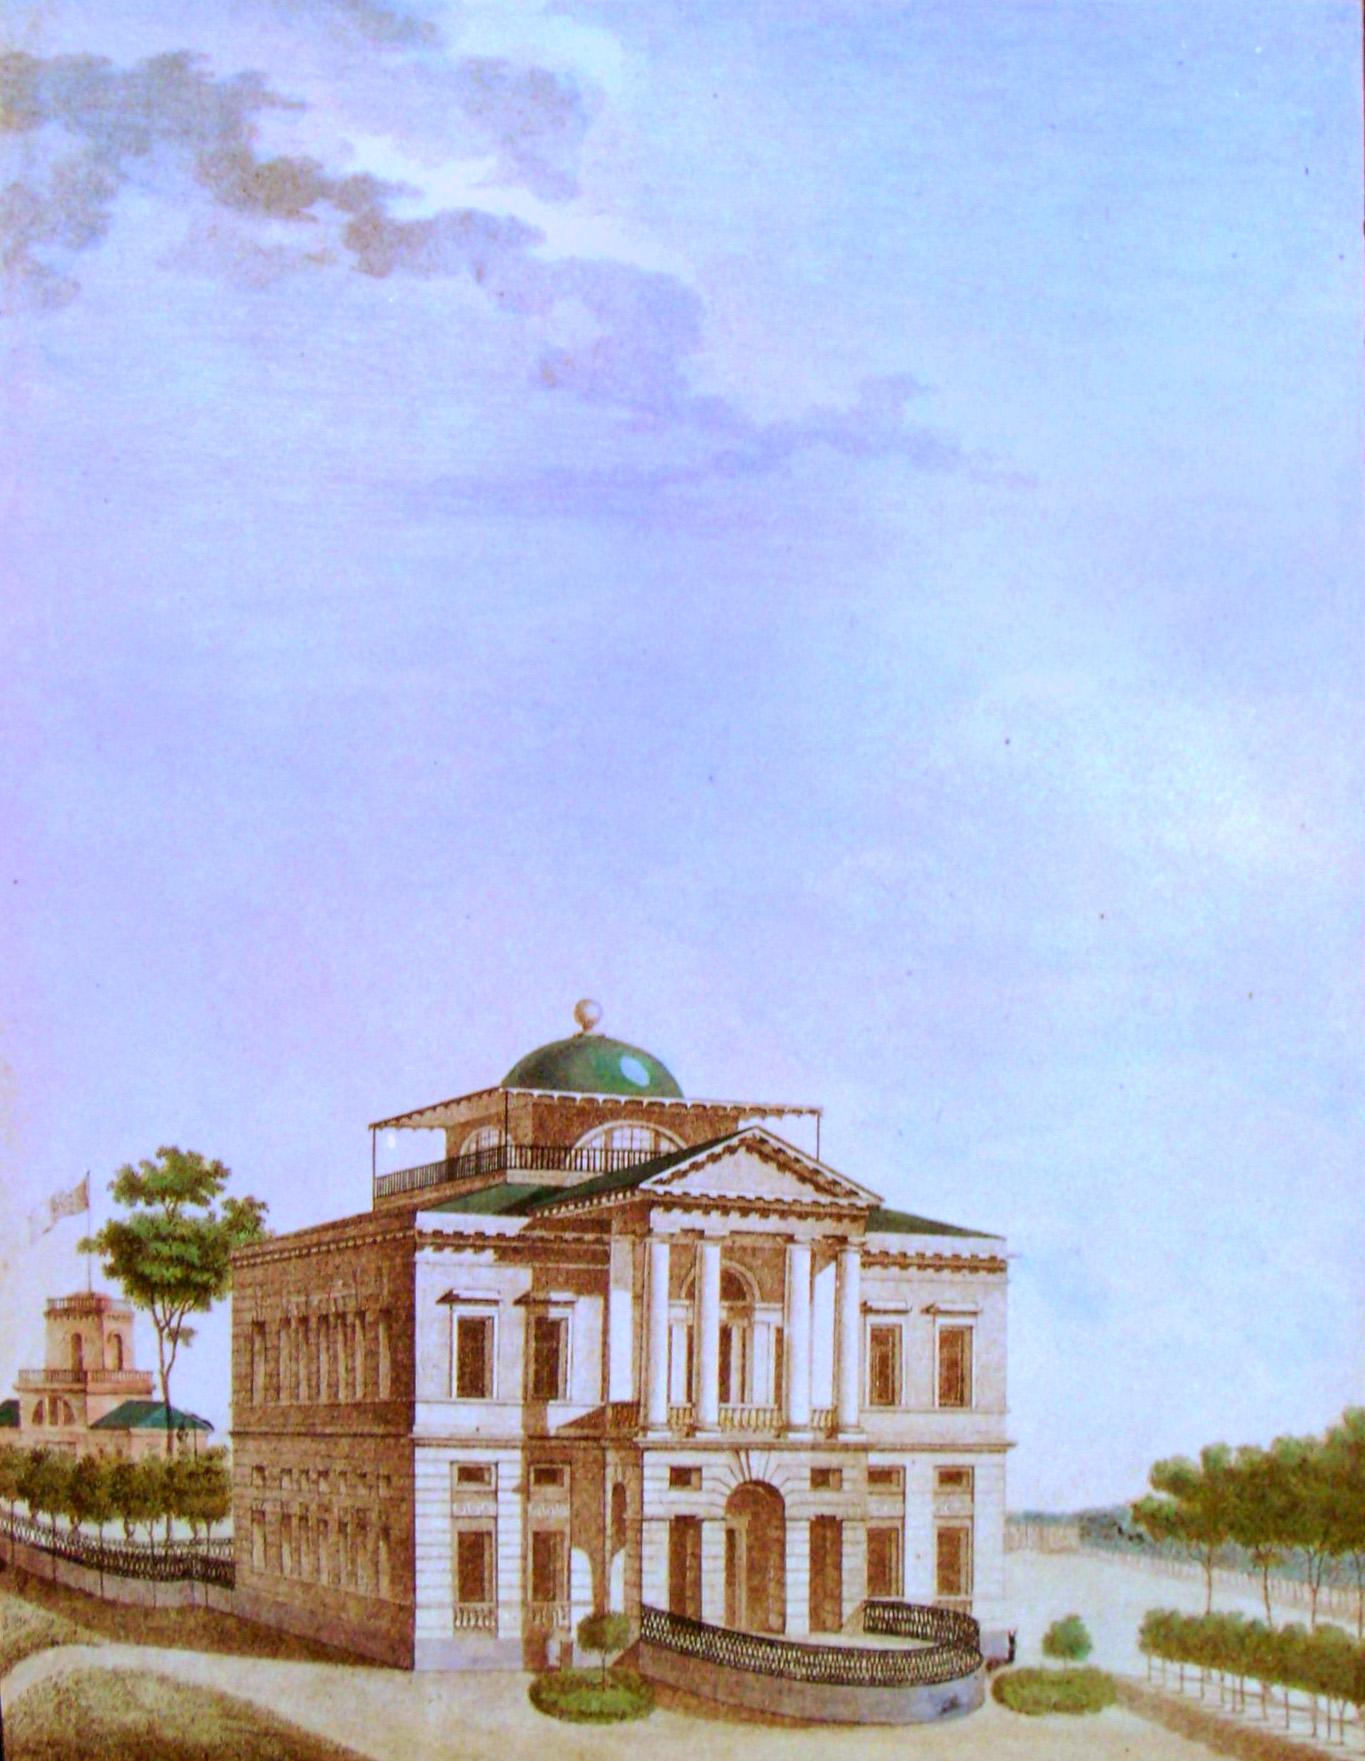 16. Вид каменного дома в саду. Р<исовал> А. П. Павловский в 1823 году.